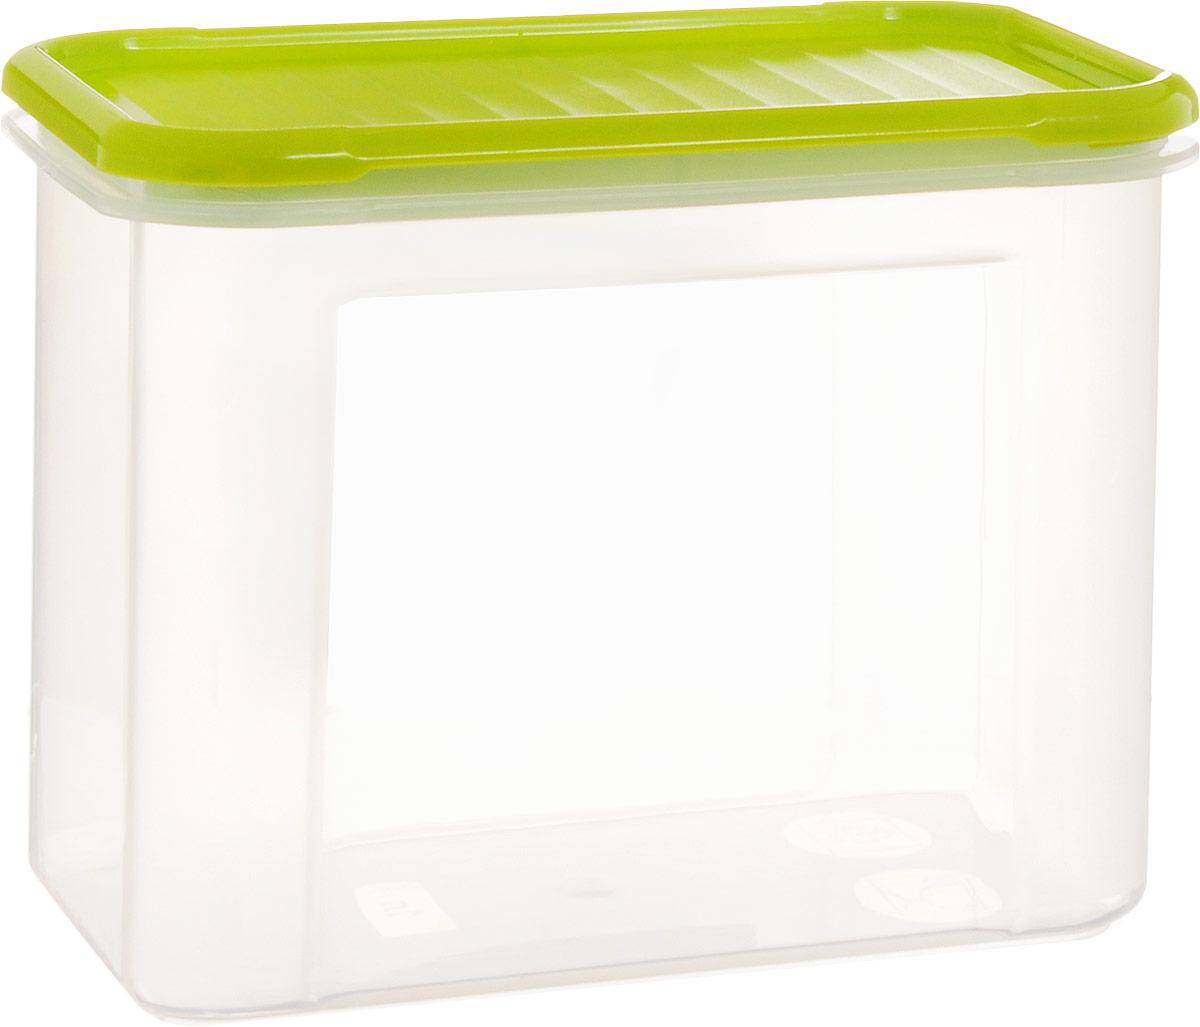 Банка для сыпучих продуктов Giaretti Krupa, цвет: оливковый, прозрачный, 1 лGR2232ОЛБанки для сыпучих продуктов предназначены для хранения круп, сахара, макаронных изделий, сладостей и т.п., в том числе для продуктов с ярким ароматом (специи и пр.). Строгая прямоугольная форма банок поможет Вам организовать пространство максимально комфортно, не теряя полезную площадь. При этом банки устанавливаются одна на другую, что способствует экономии пространства в Вашем шкафу. Плотная крышка не пропускает запахи, и они не смешиваются в Вашем шкафу. Благодаря разнообразным отверстиям в дозаторе, Вам будет удобно насыпать как мелкие, так и крупные сыпучие продукты, что сделает процесс приготовления пищи проще.